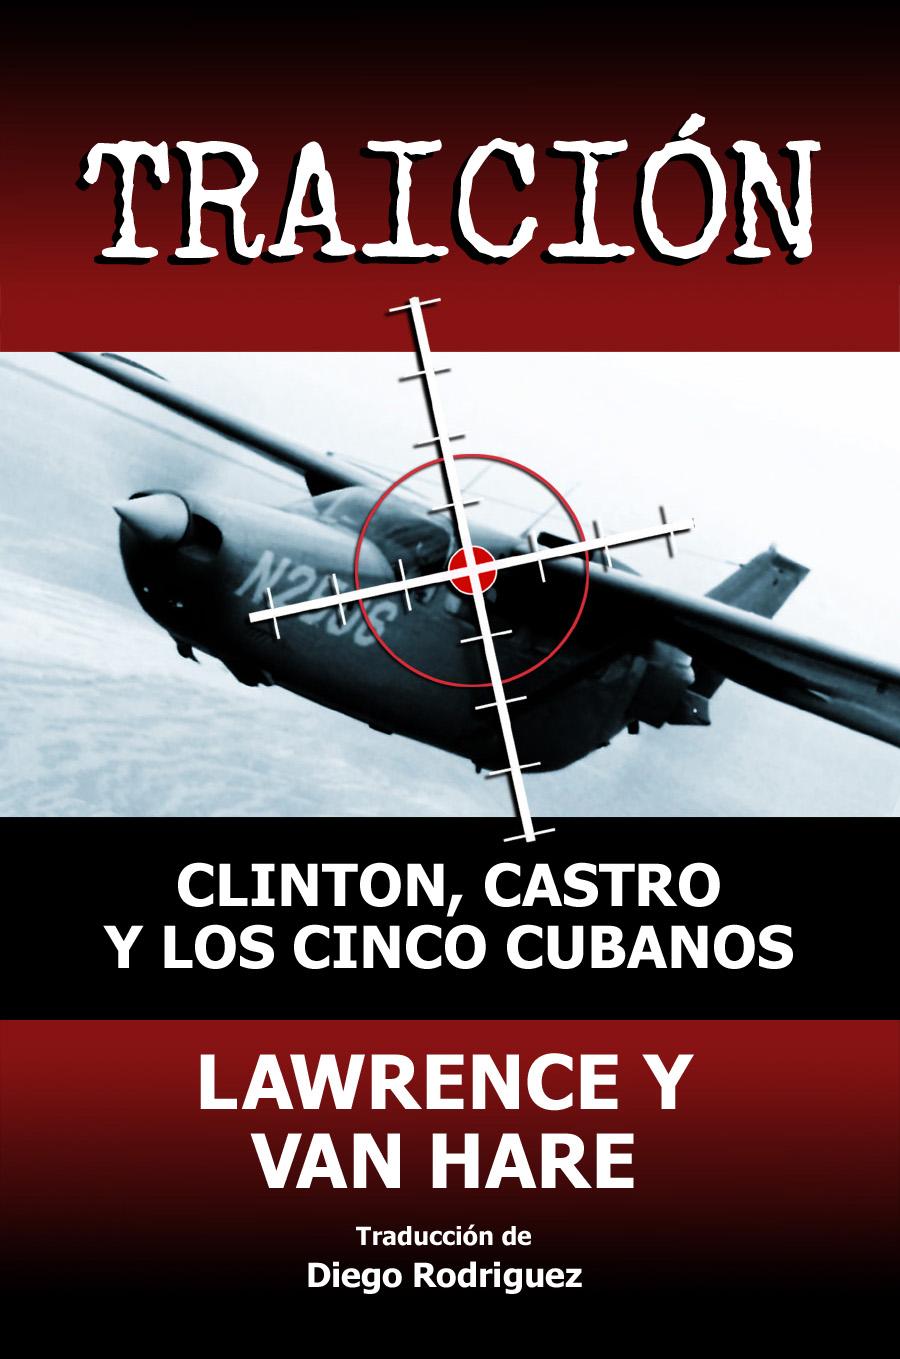 TRAICION: Clinton, Castro Y Los Cinco Cubanos